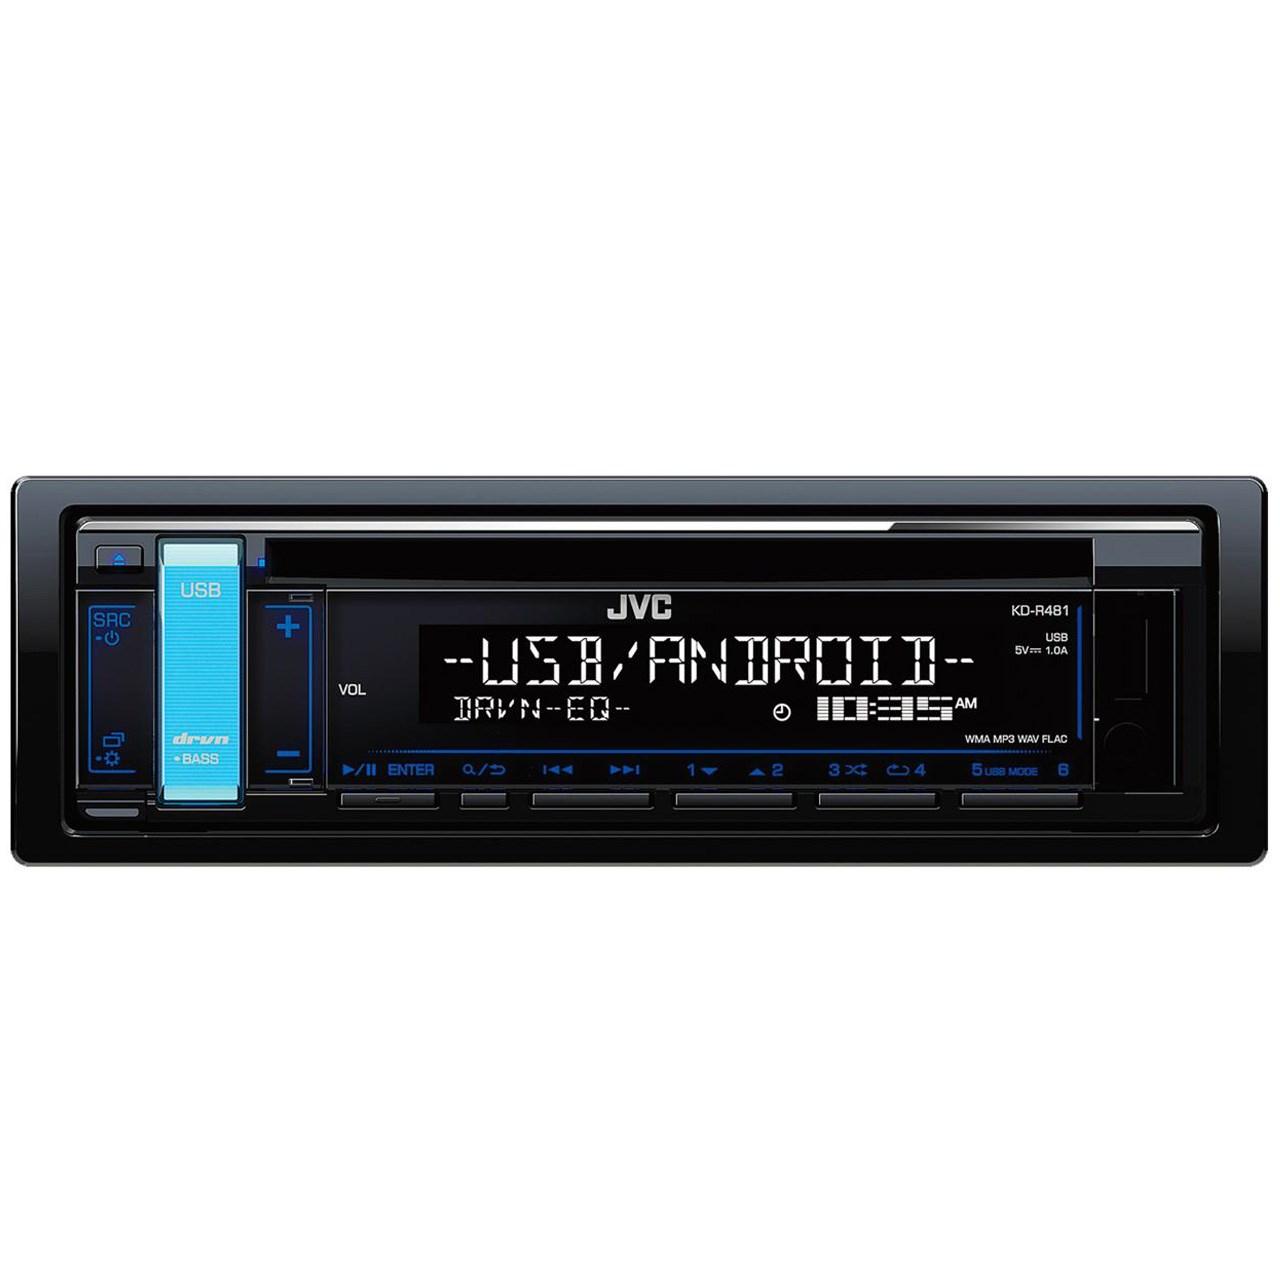 پخش کننده خودرو جی وی سی مدل KD-R481